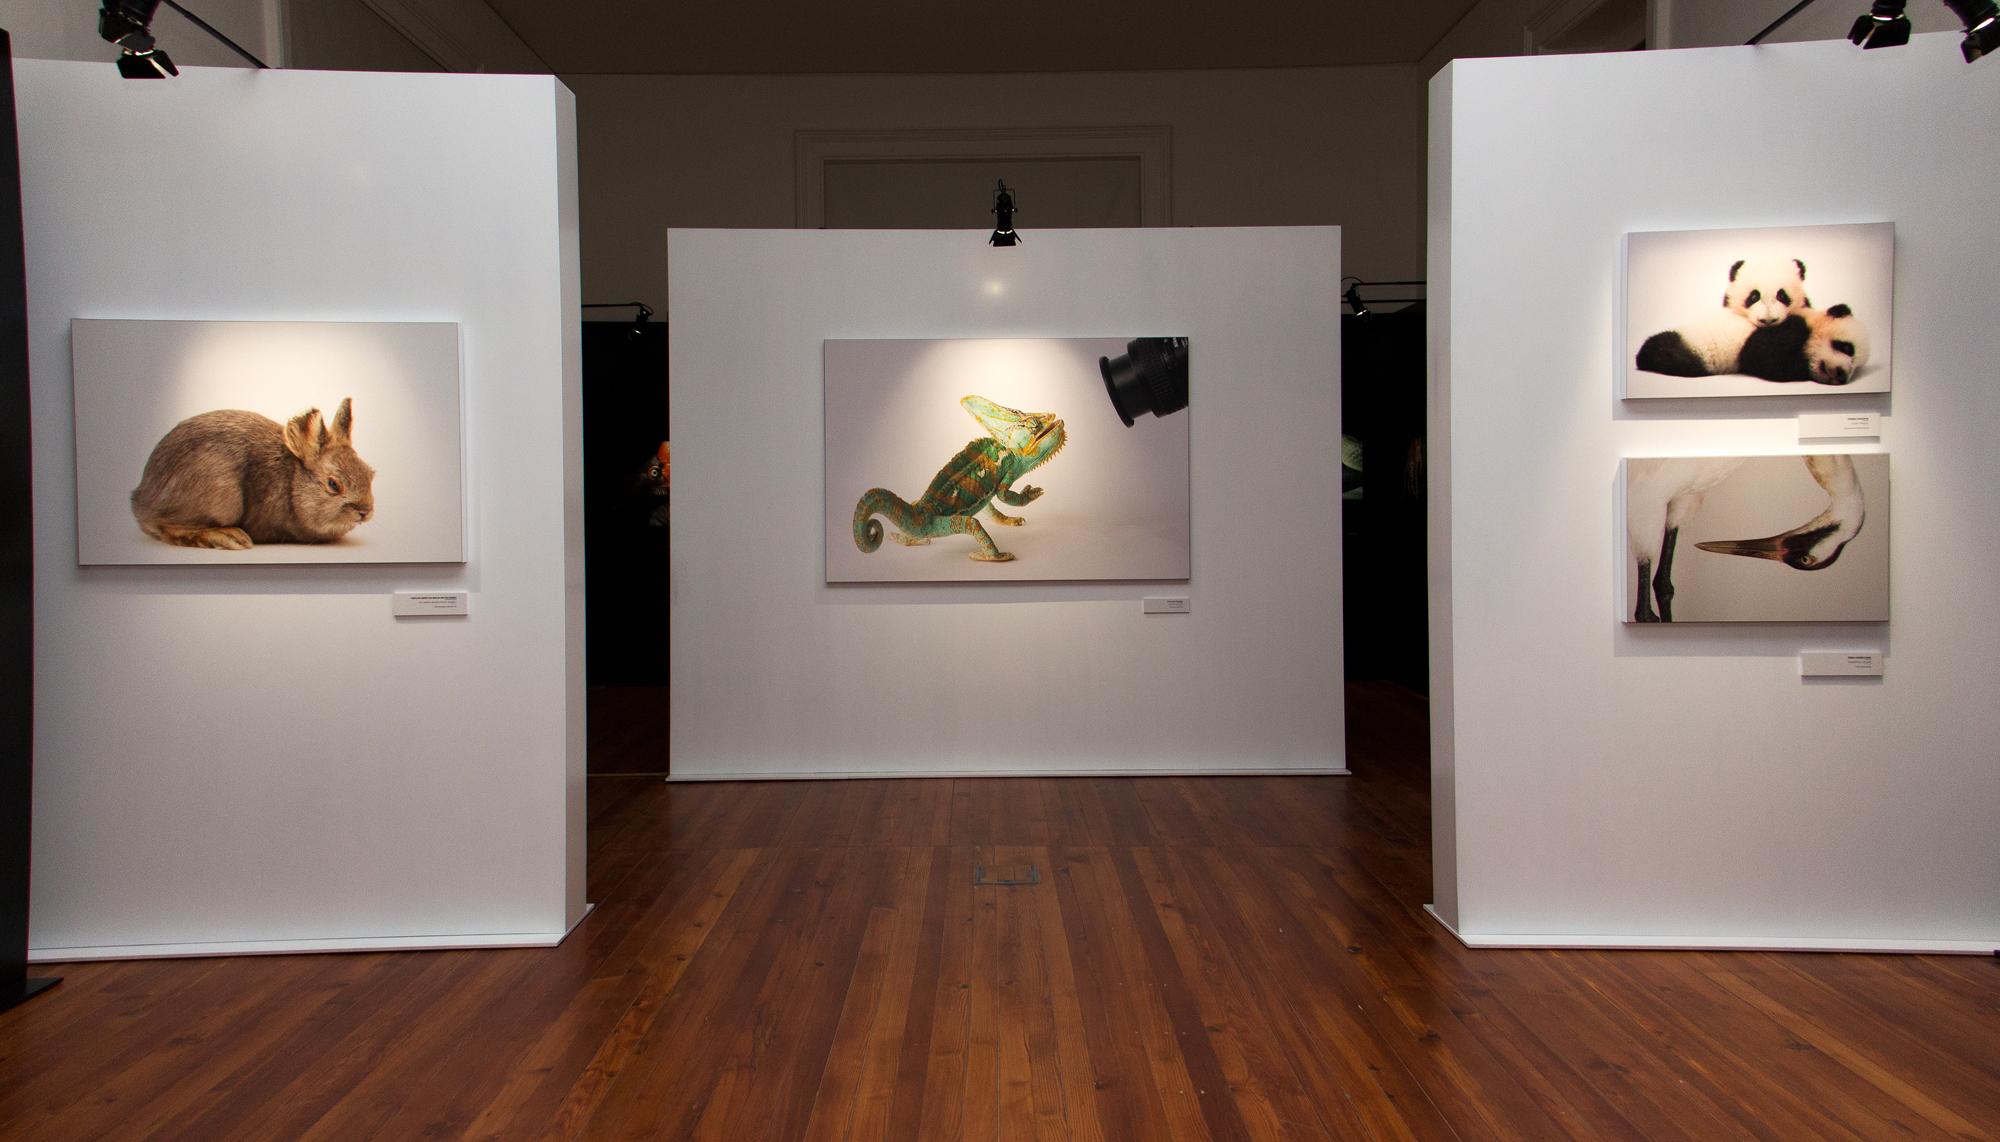 """Exemplos de retratos da mostra """"Photo Ark"""" até abril na Galeria da Biodiversidade."""